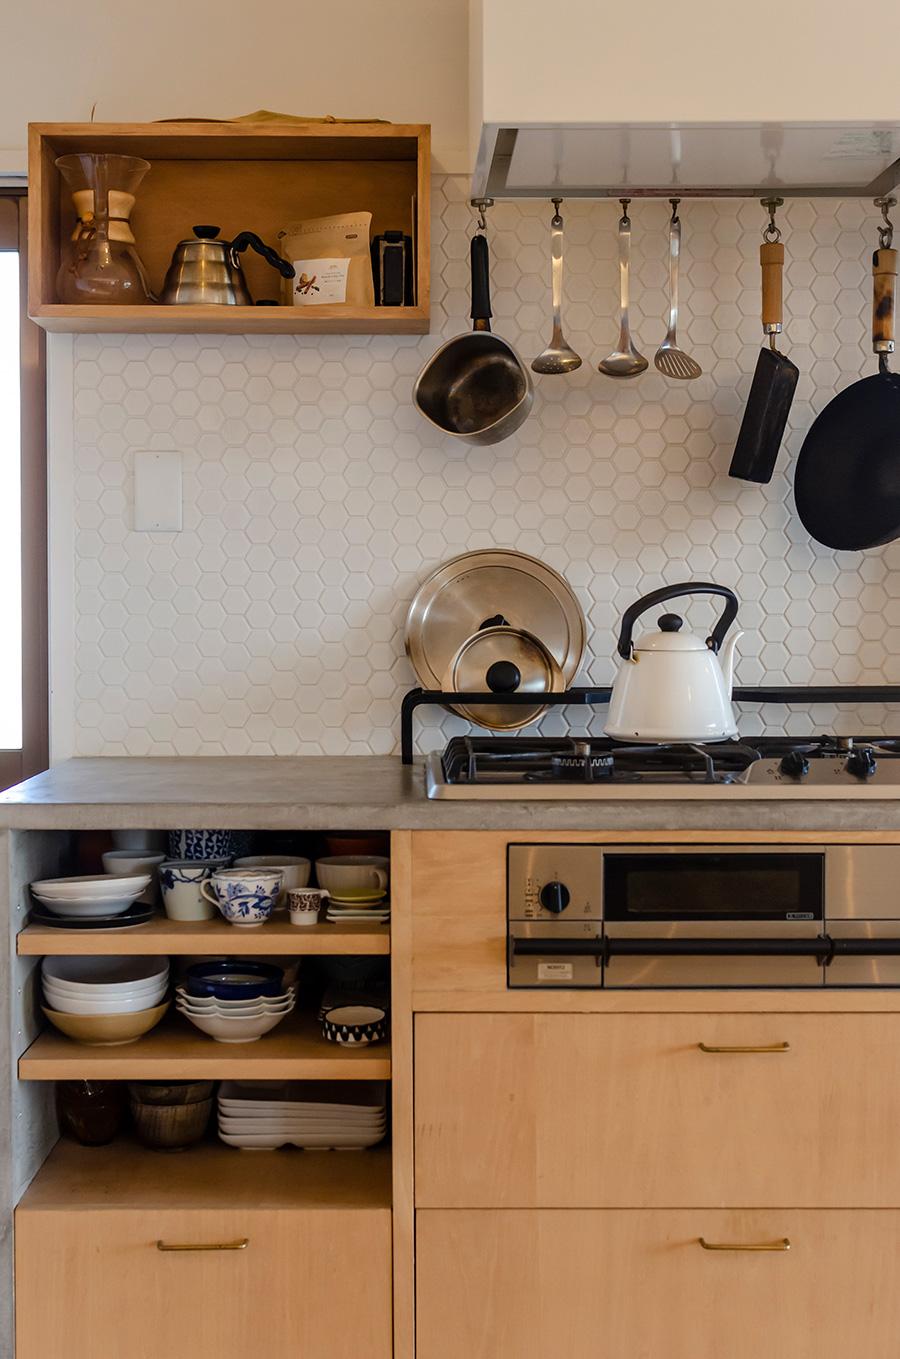 キッチンのタイルも亀甲模様に。壁に付けたボックスにはドリップコーヒーのセットを。